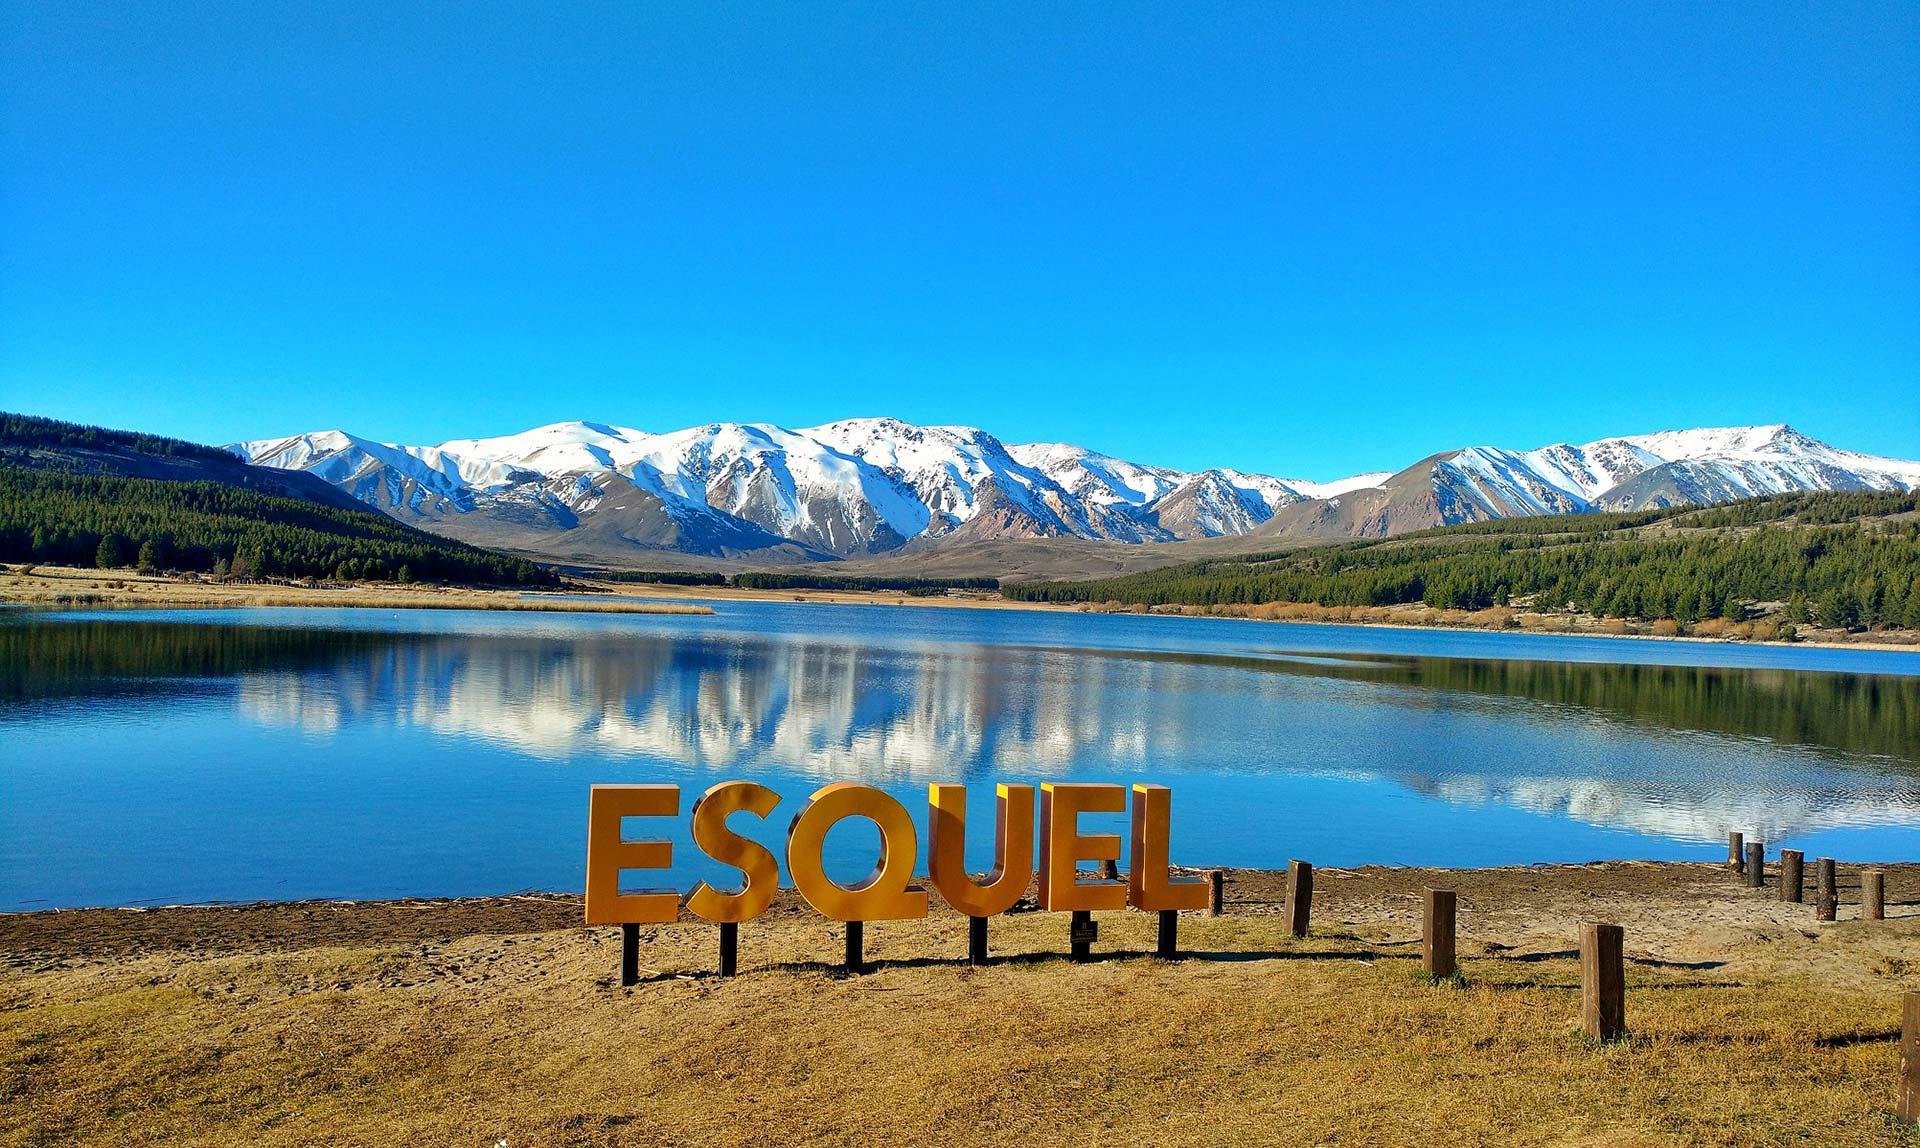 La ocupación turística en Esquel fue del 67% durante el fin de semana y casi la mitad fueron visitantes de Buenos Aires